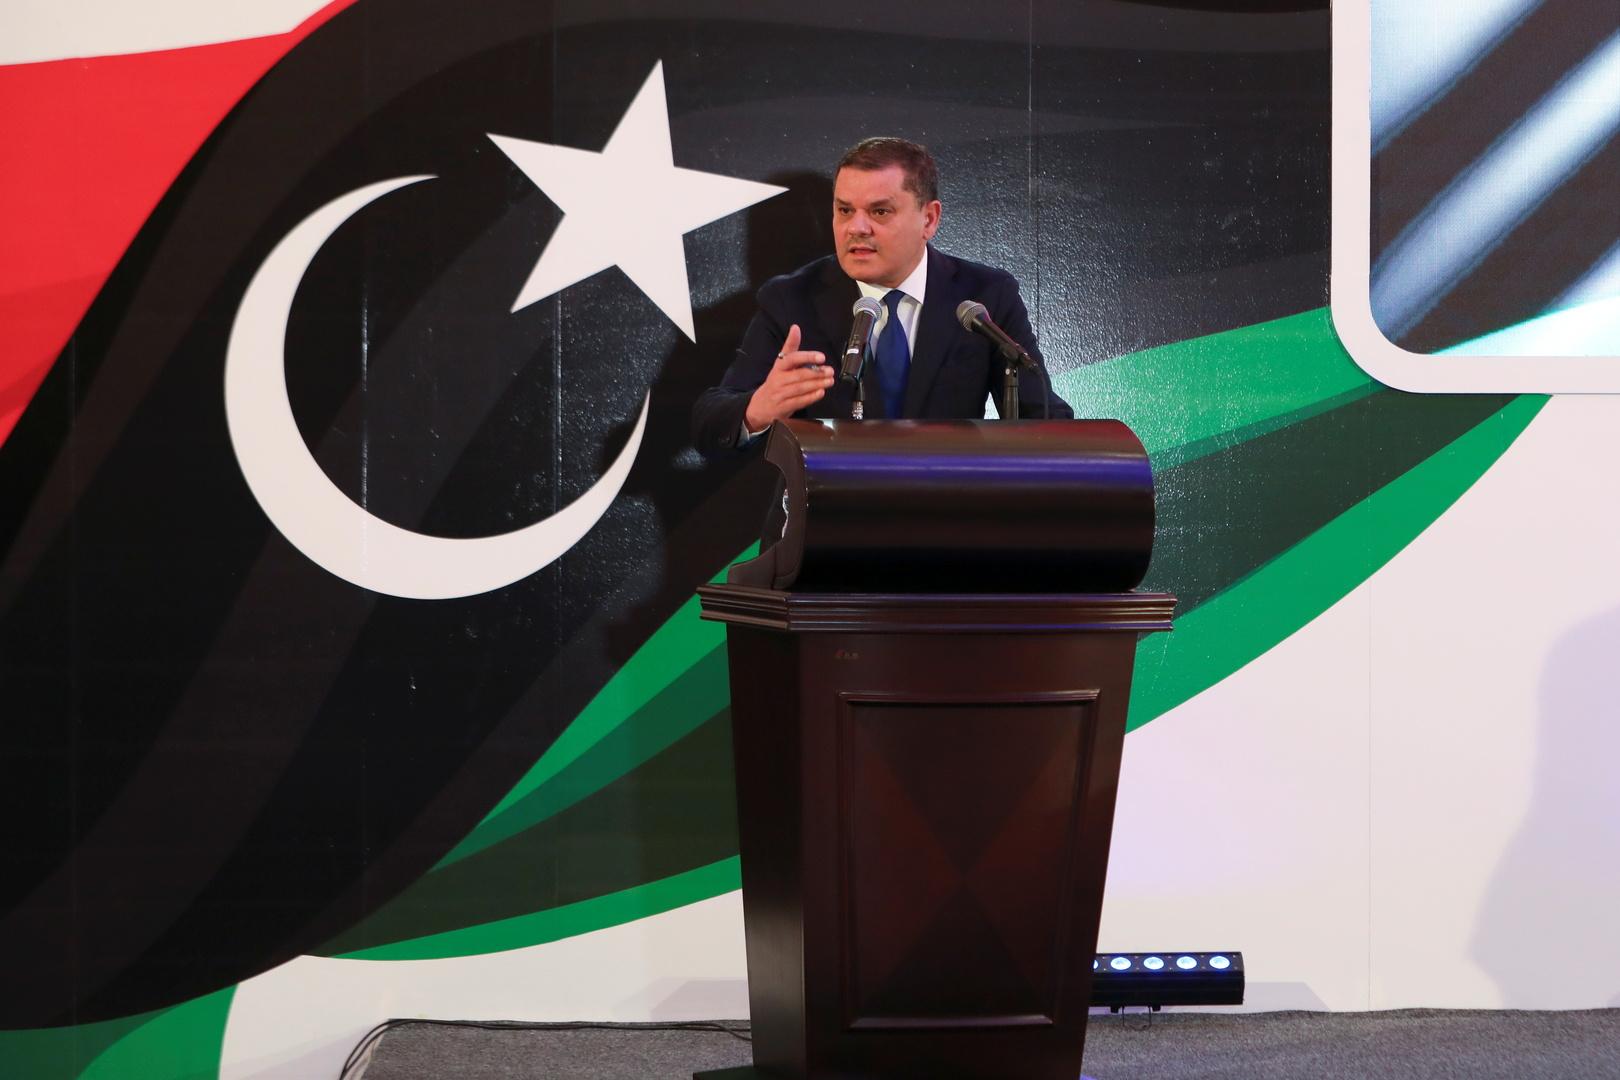 رئيس حكومة الوحدة الوطنية الليبية يعرض تشكيلة حكومته على البرلمان في سرت